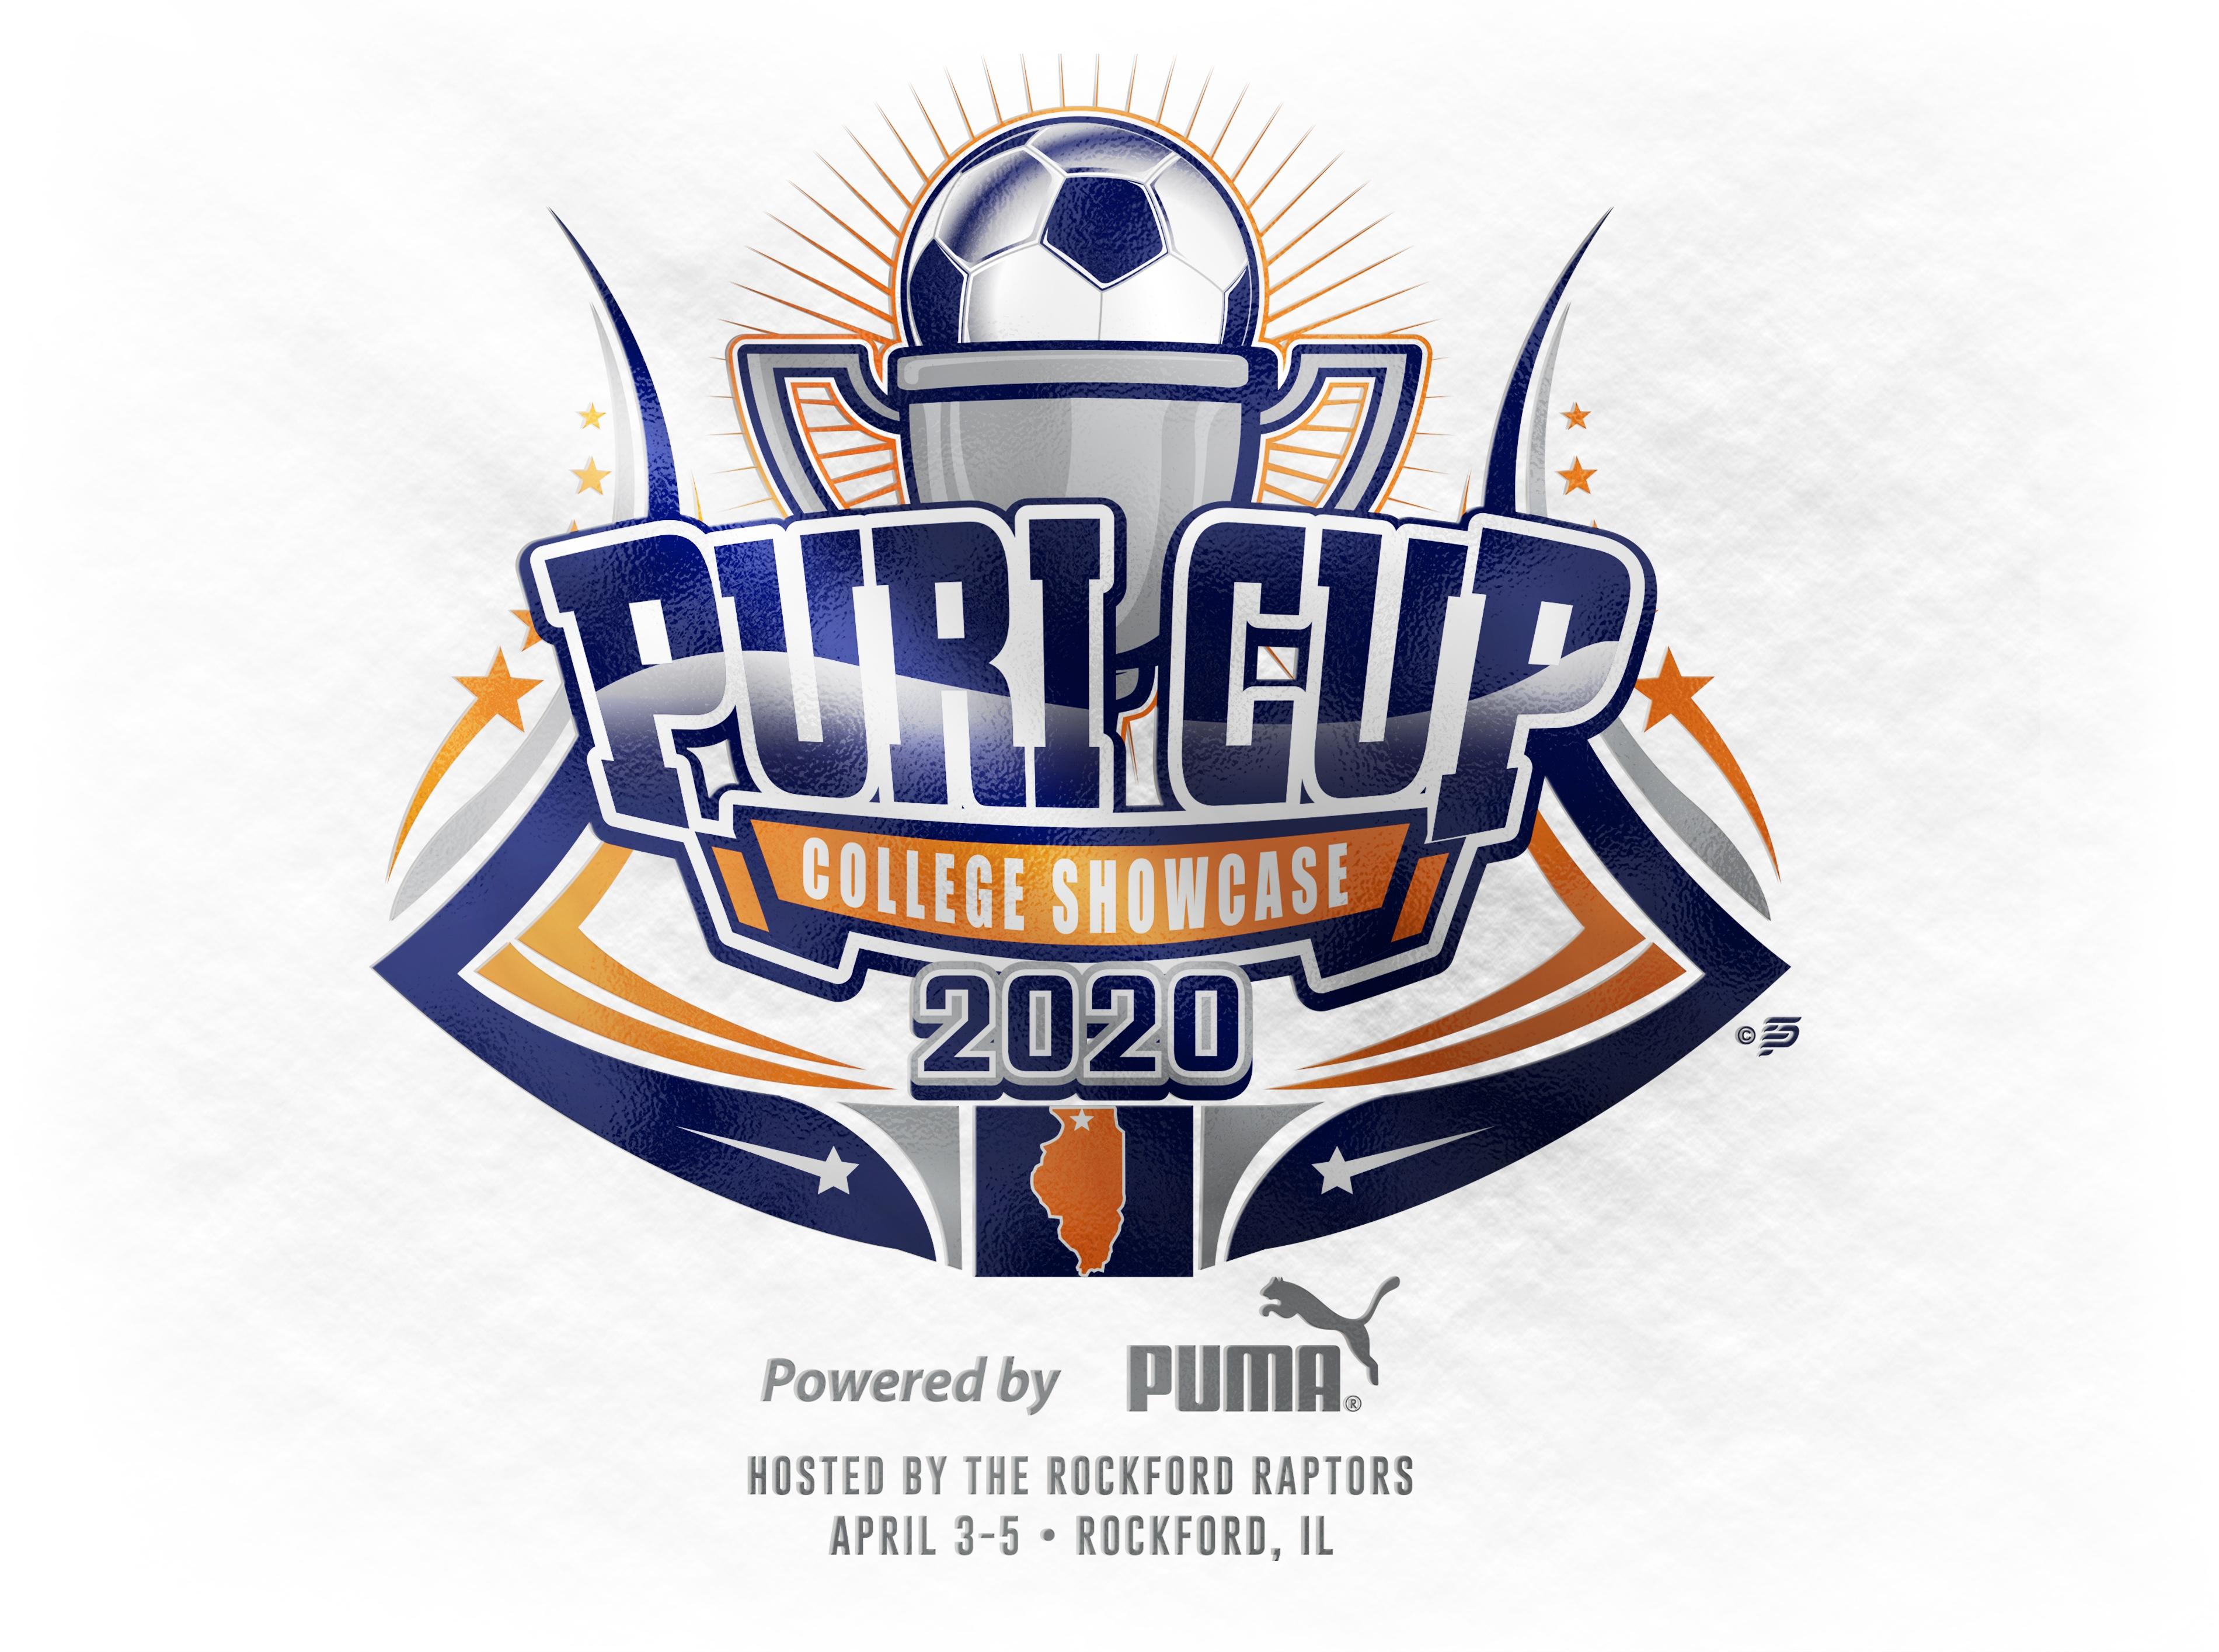 2020 Puri Cup College Showcase